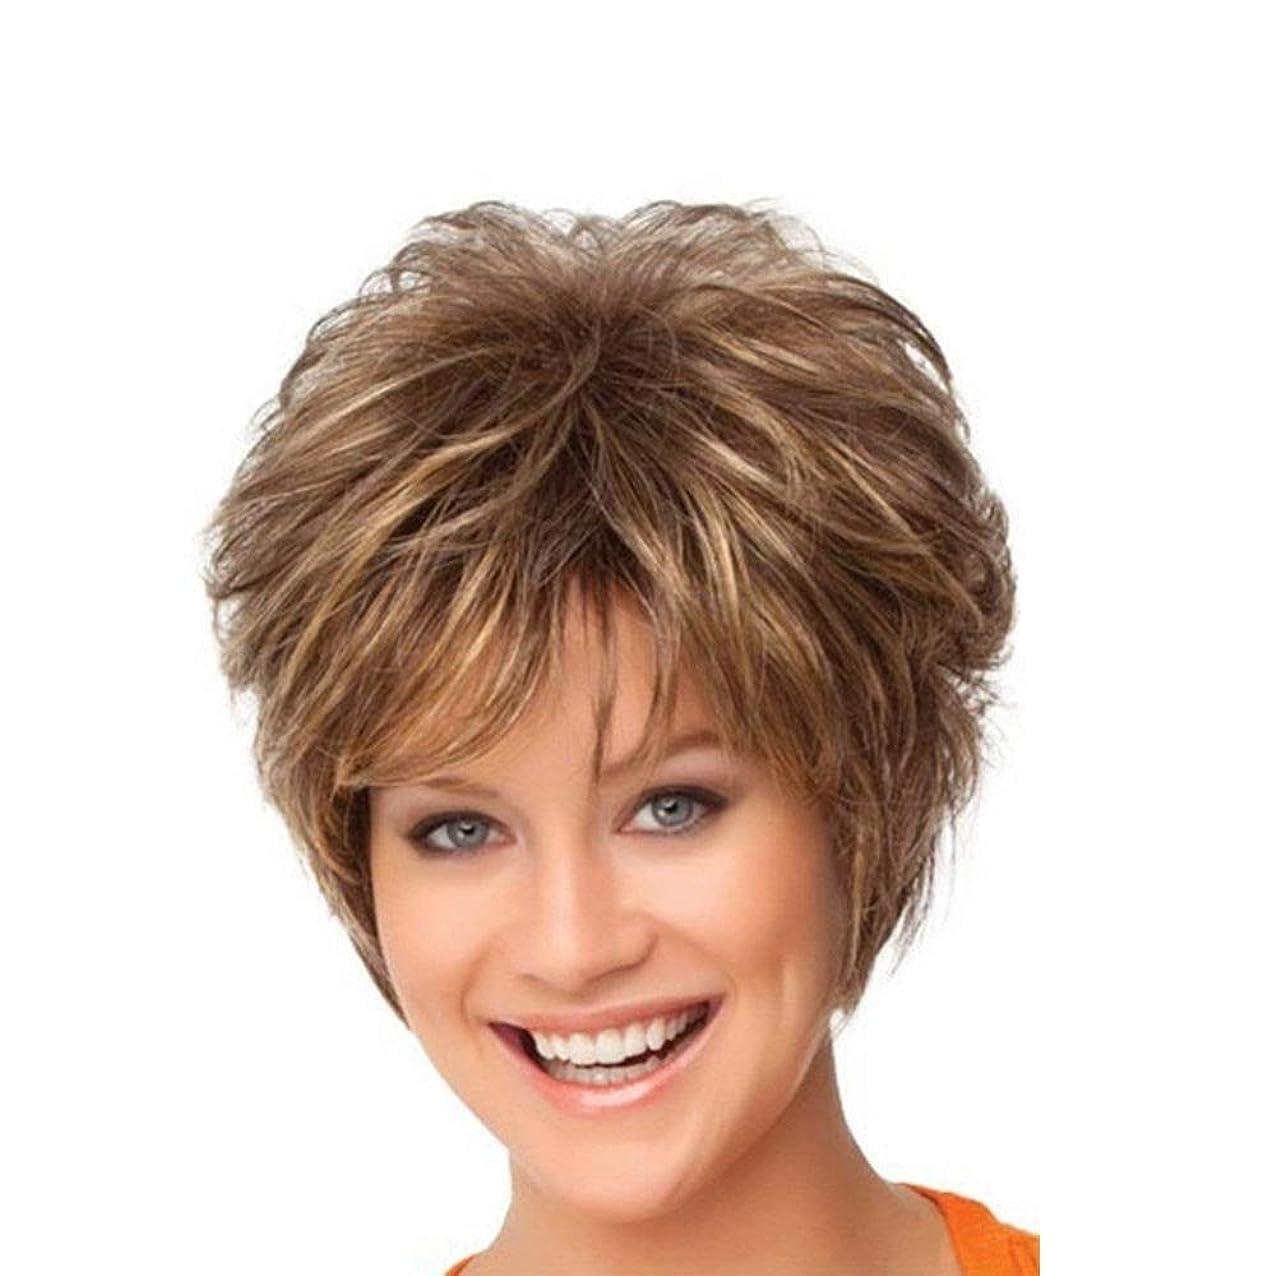 休戦データム破壊的なWASAIO 女性の短い巻き毛のかつらのための女性の髪のかつら (色 : ブラウン)